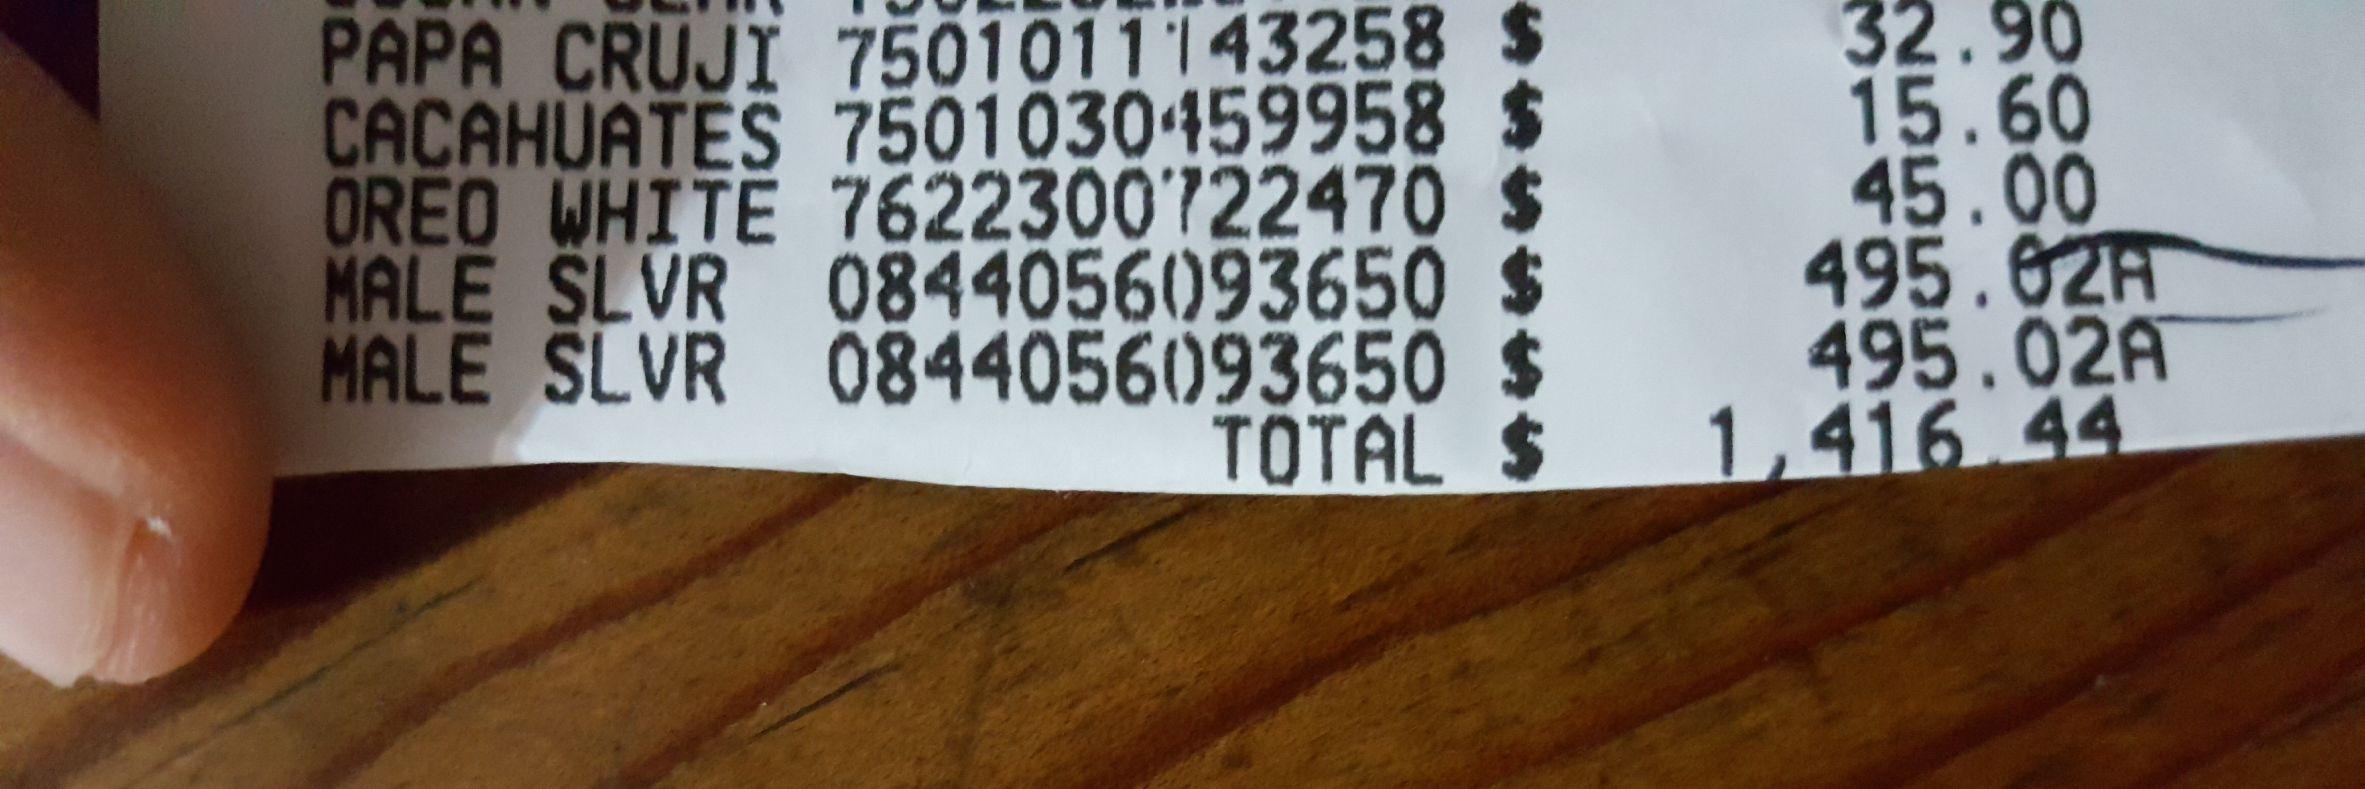 Walmart Macroplaza Pto Vallarta: Maleta lucas de 61cm y 71 cm, Agua levite y Bolsa de dormir en liquidación